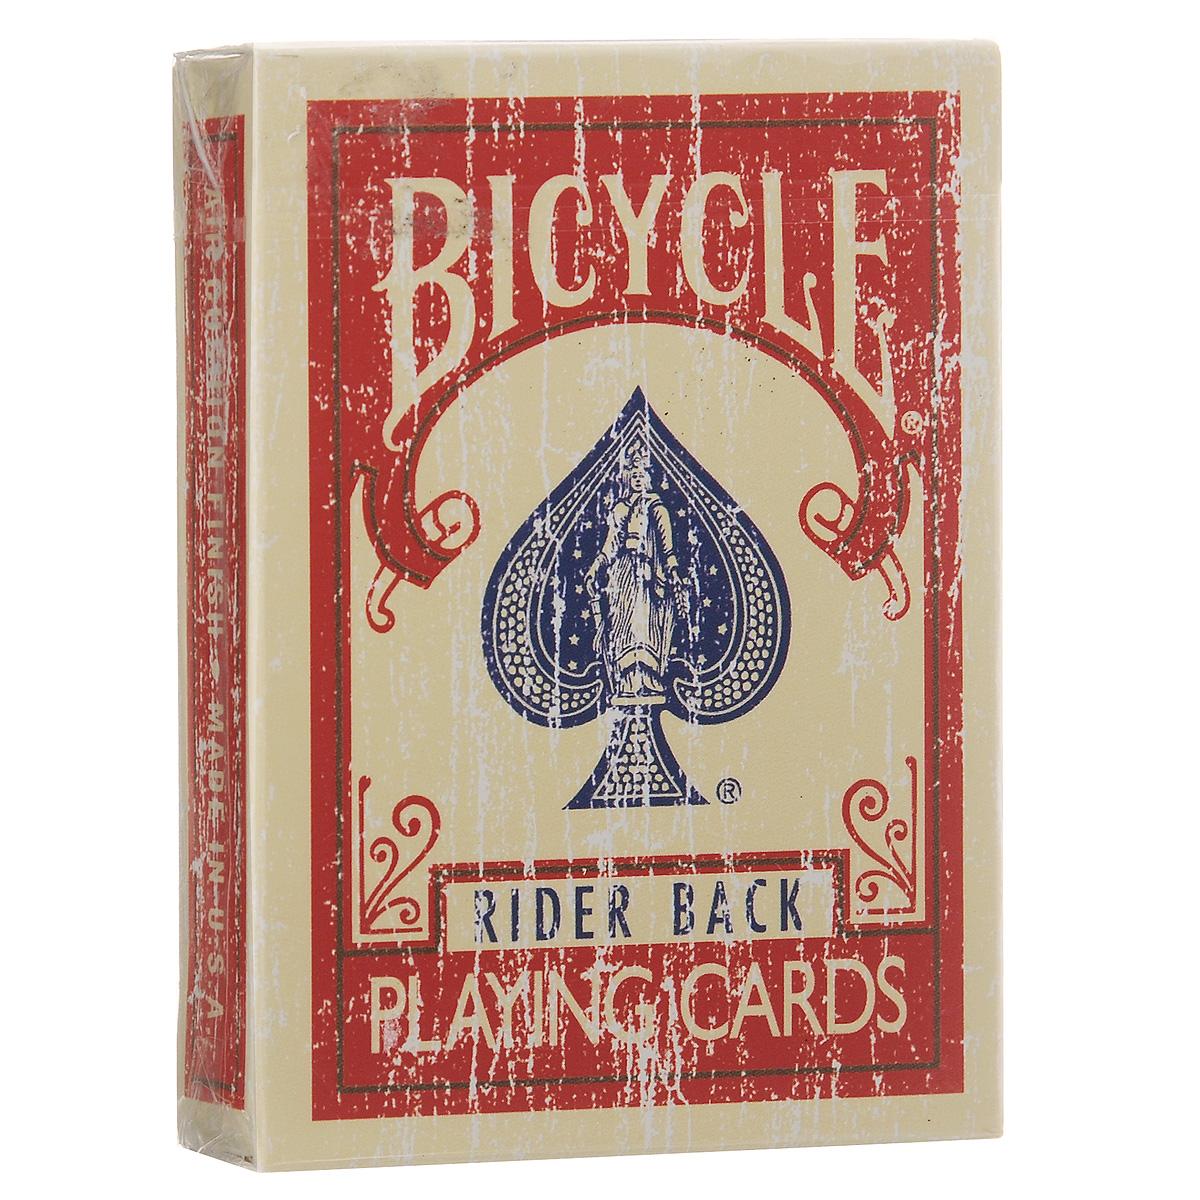 Игральные карты Bicycle Faded Deck, цвет: красныйК-039Игральные карты Bicycle Faded Deck станут прекрасным подарком для всех любителей карточных игр. Карты этой оригинальной колоды имеют стильный и реалистичный старинный вид. Такие карты подходят для фокусов, покера и любых других карточных игр. Идеальный вариант как для новичков, так и для профессионалов. В колоду добавлены специальные карты, предназначенные для фокусов.